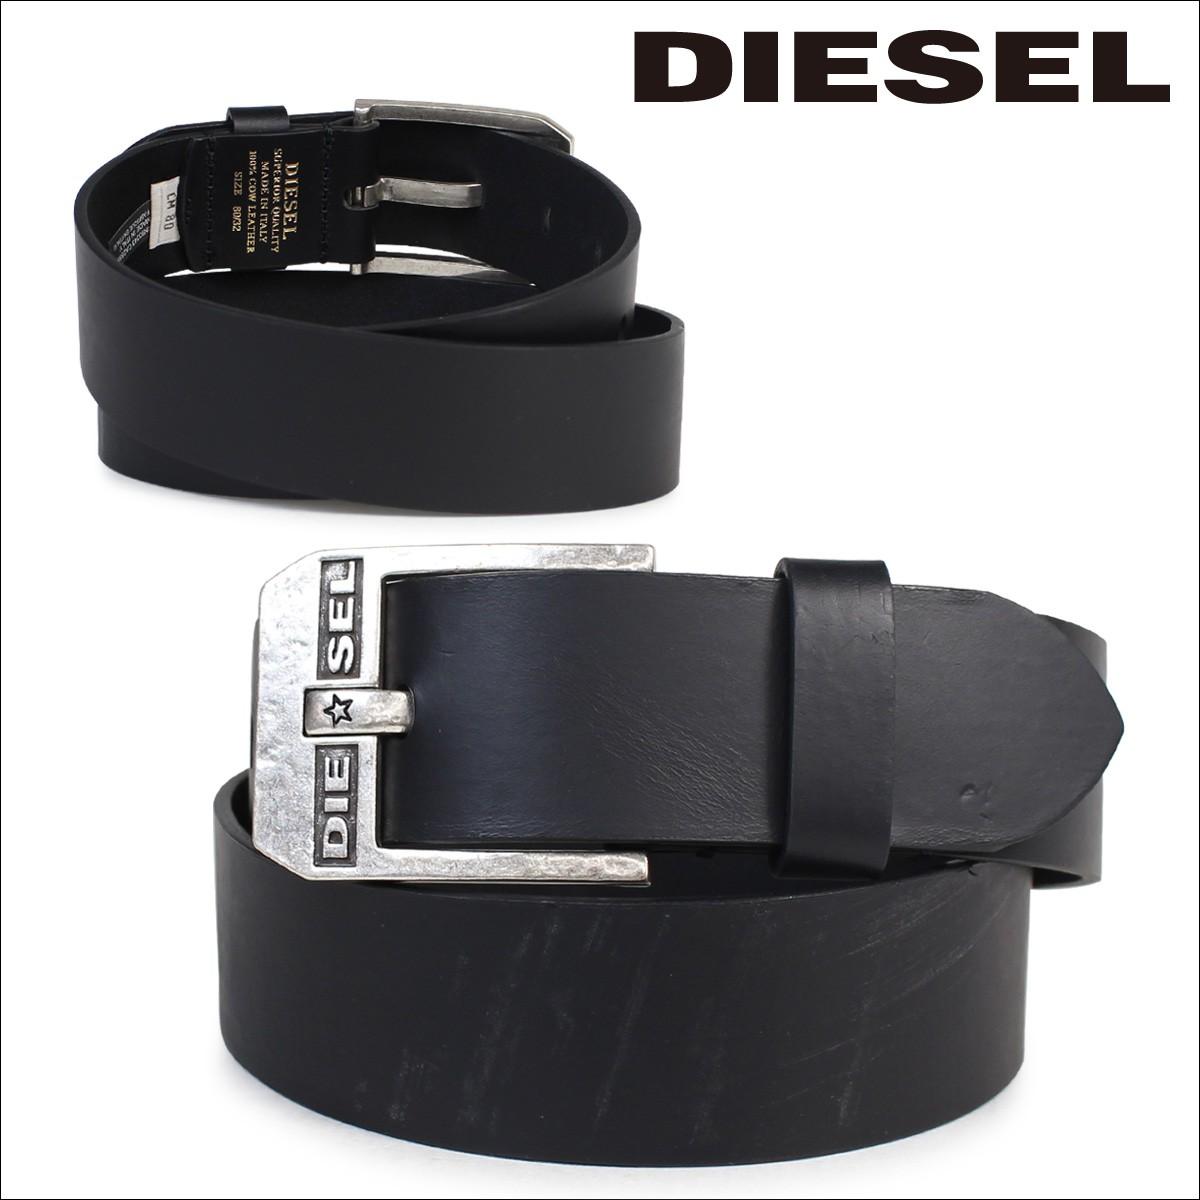 ディーゼル ベルト DIESEL メンズ レザーベルト 本革 牛革 ロゴ入り カジュアル X04673 P1345 ブラック イタリア製